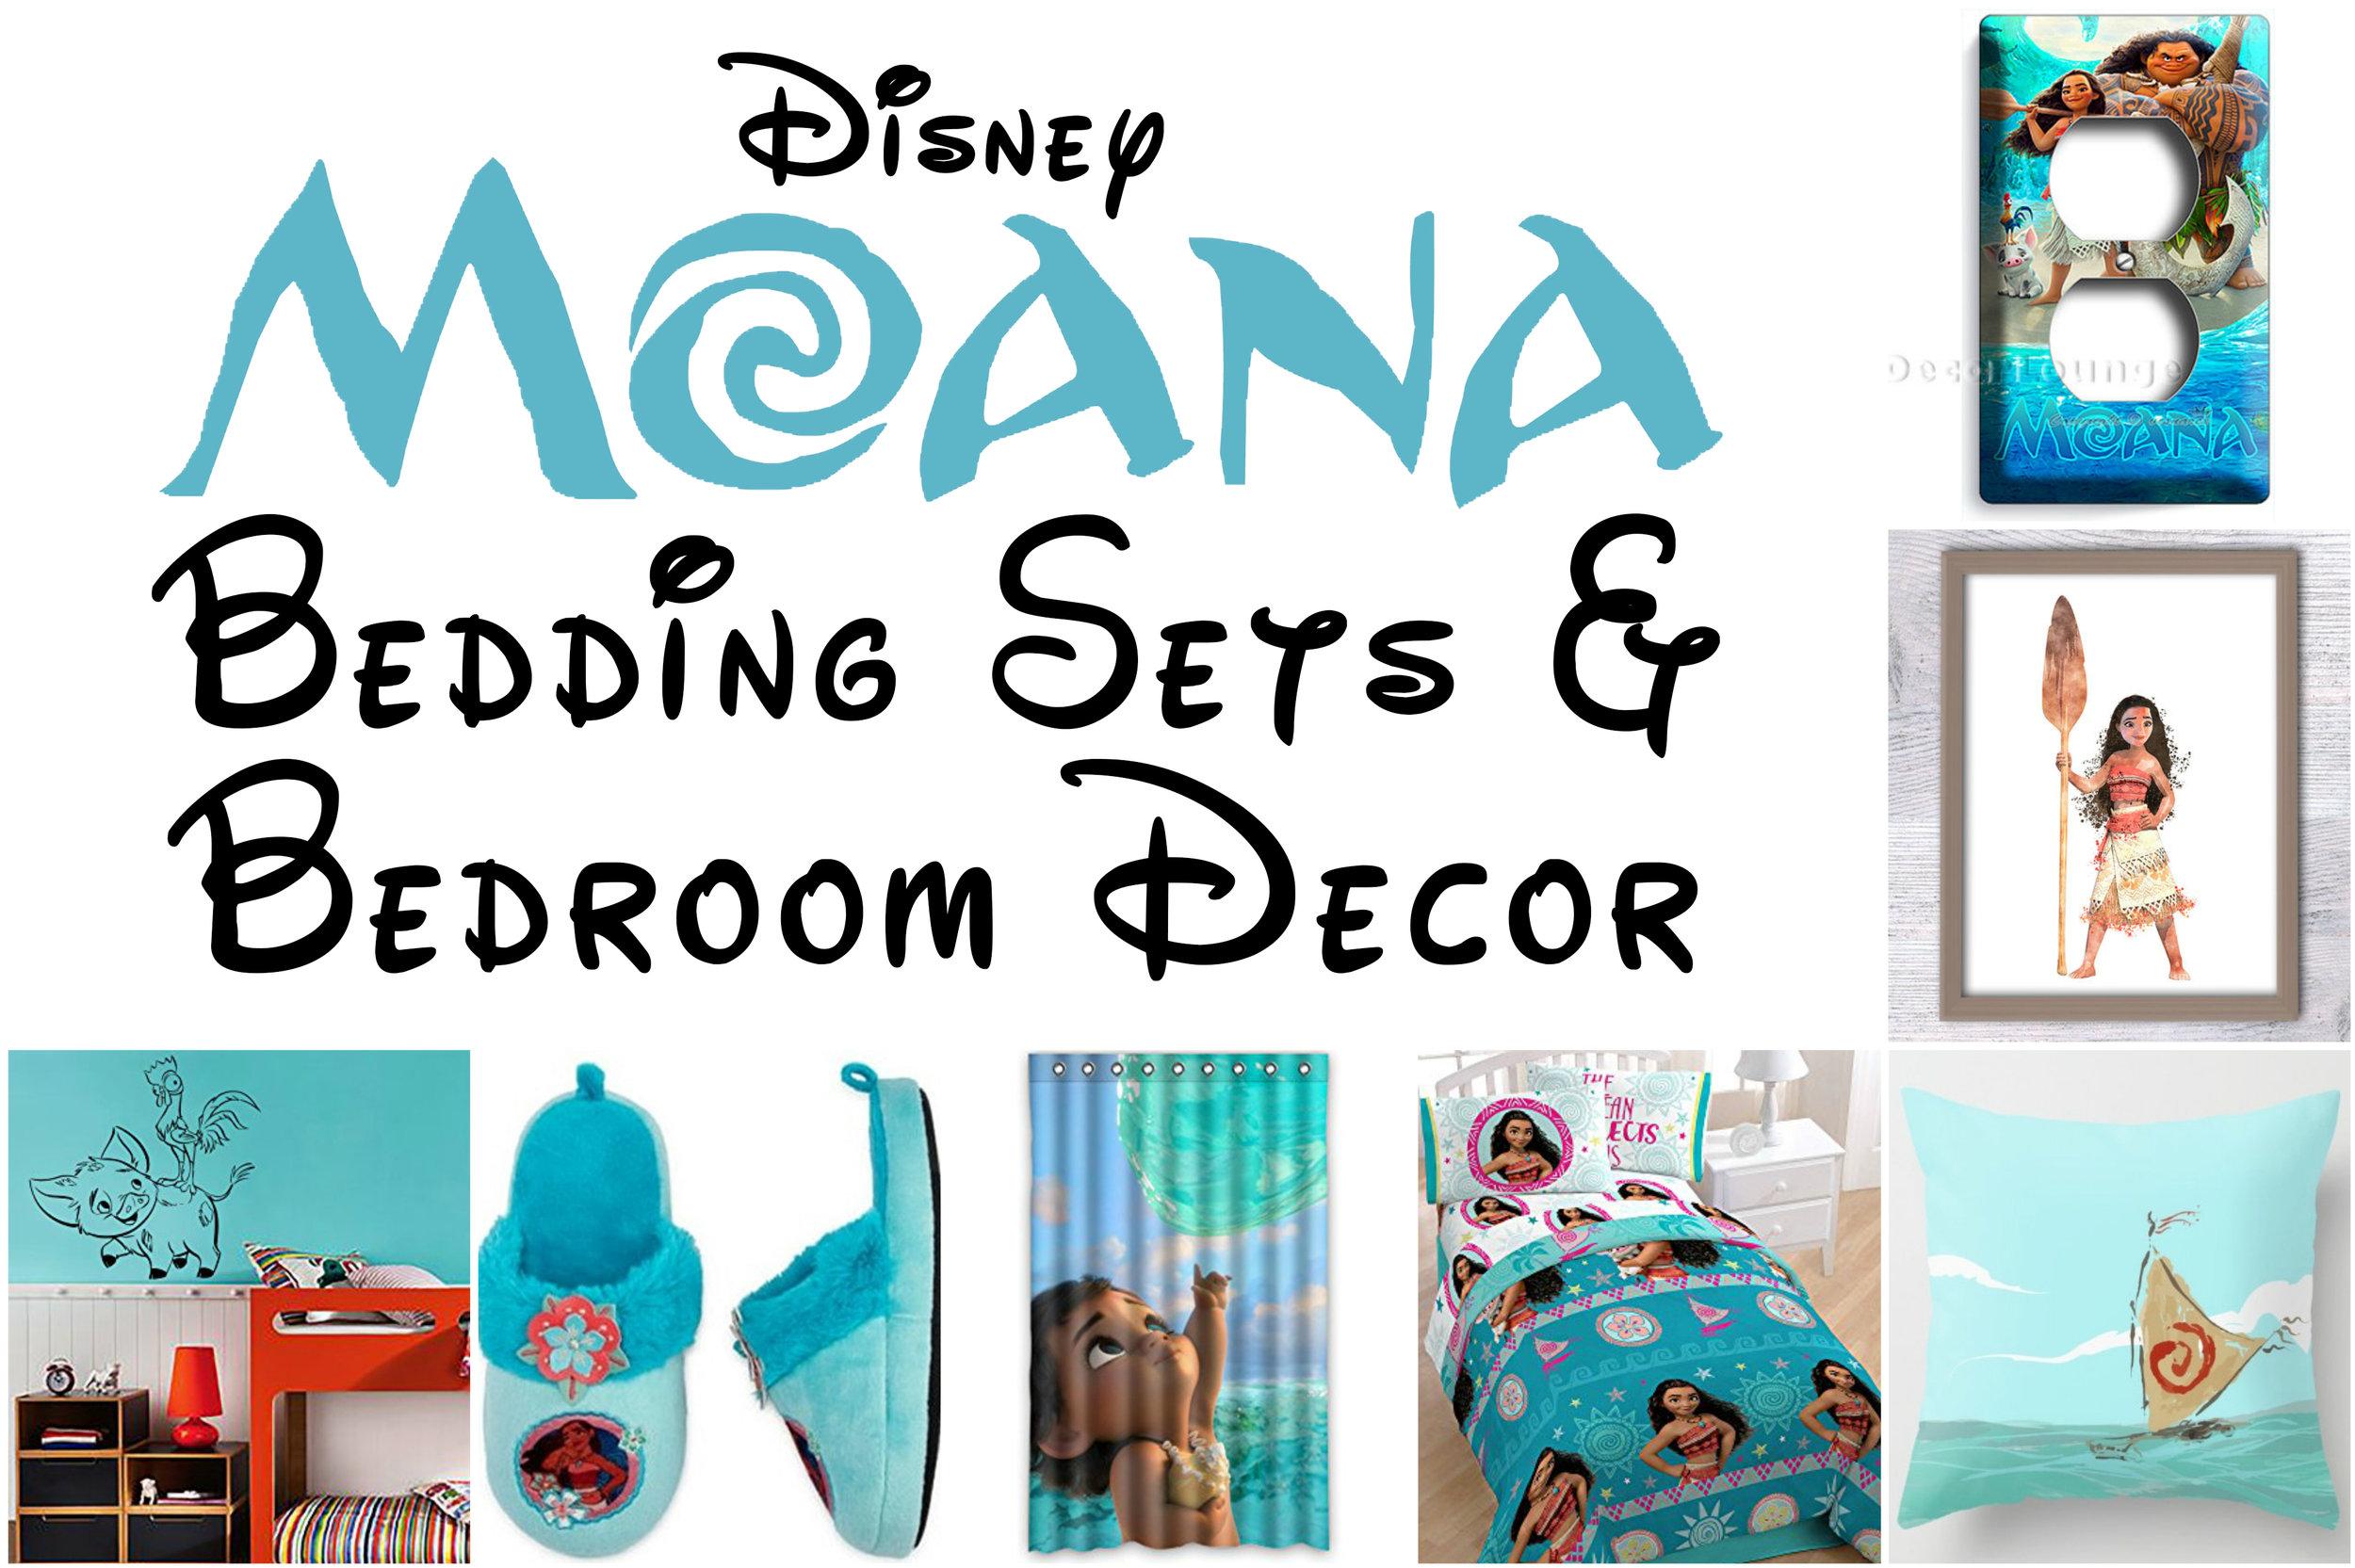 Disney Moana Bedroom Decor